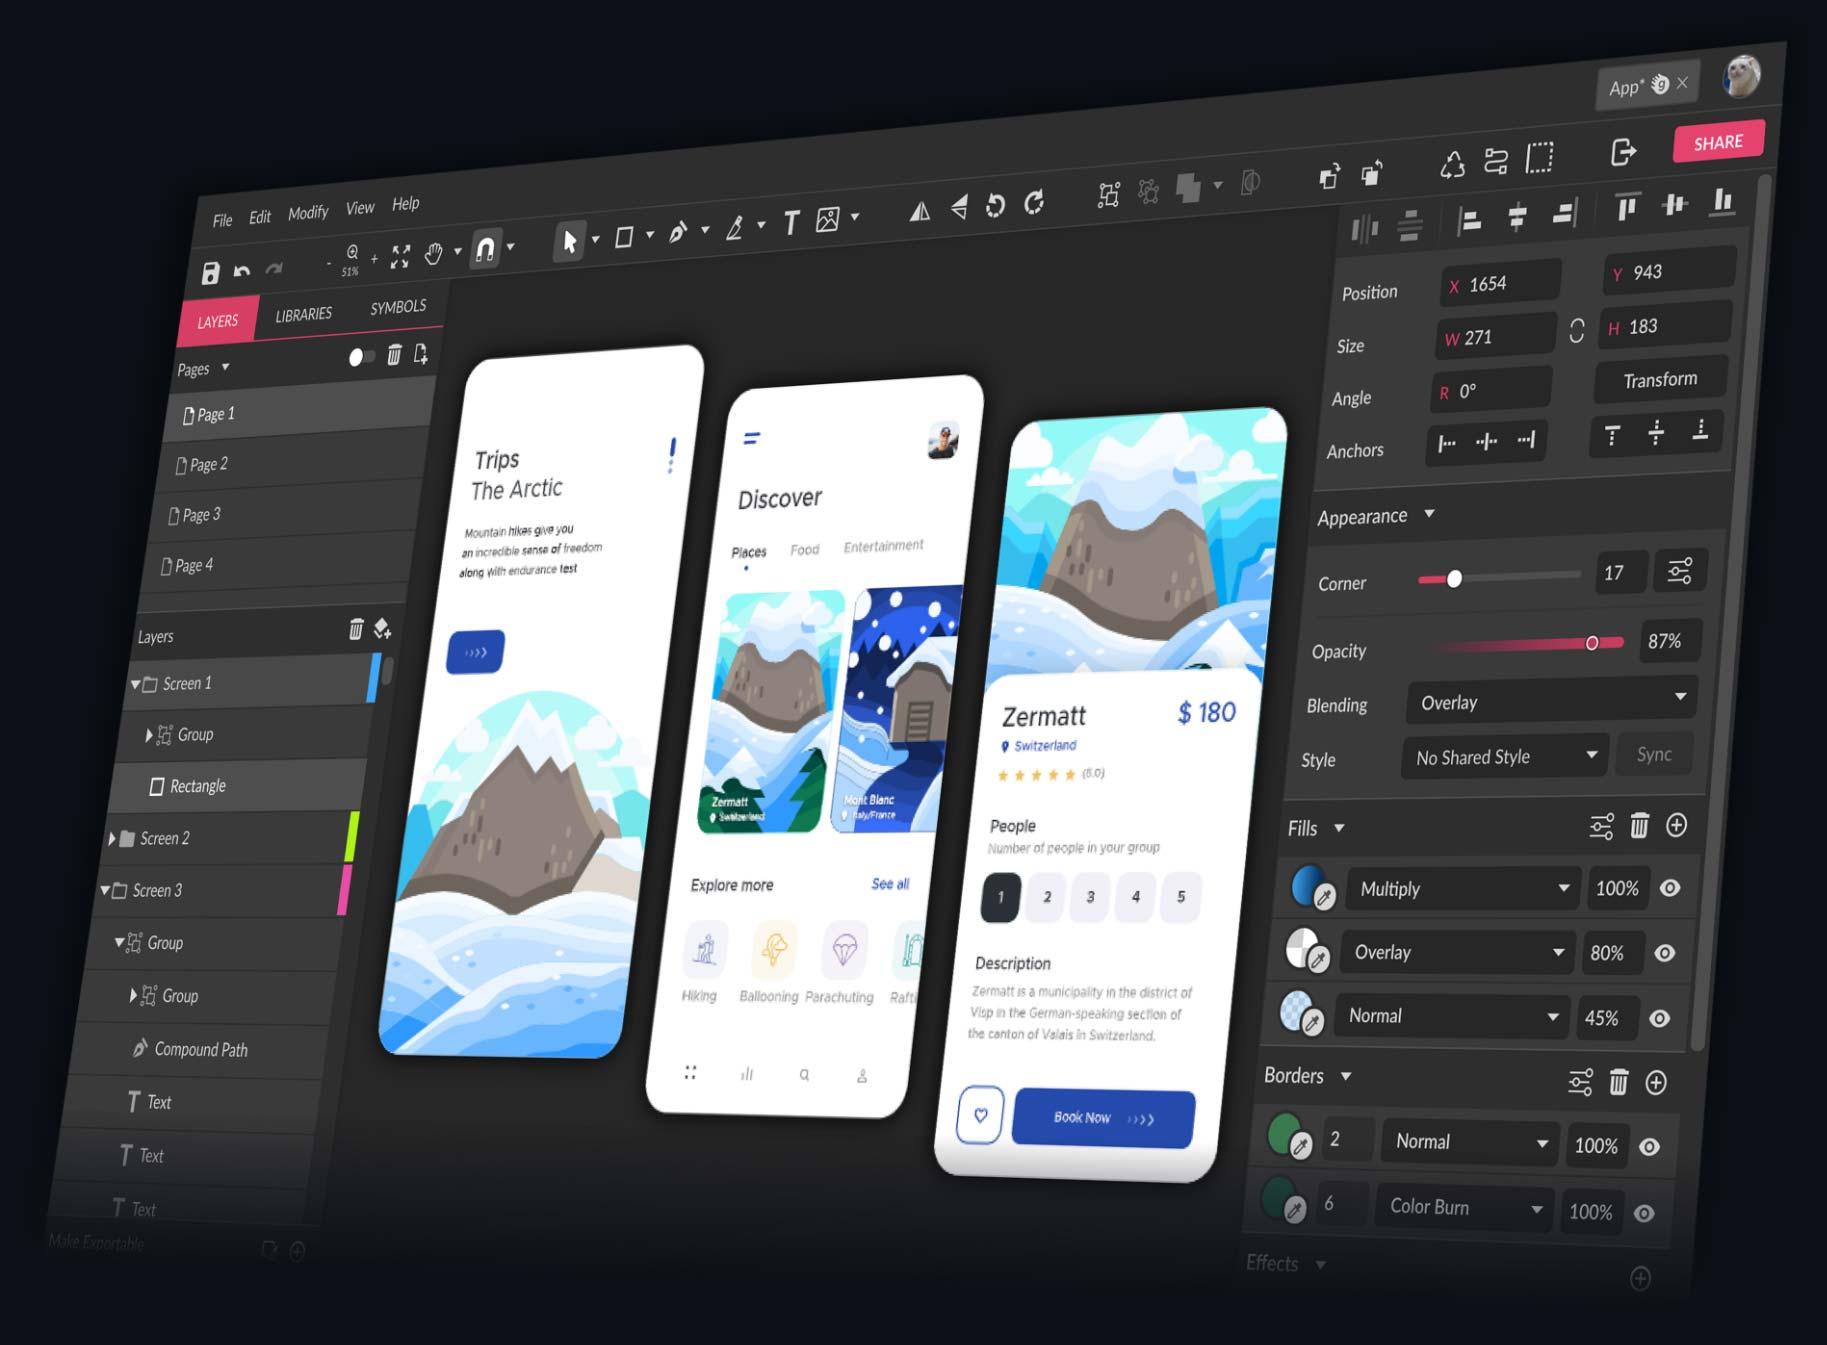 gravit designer free vector tools